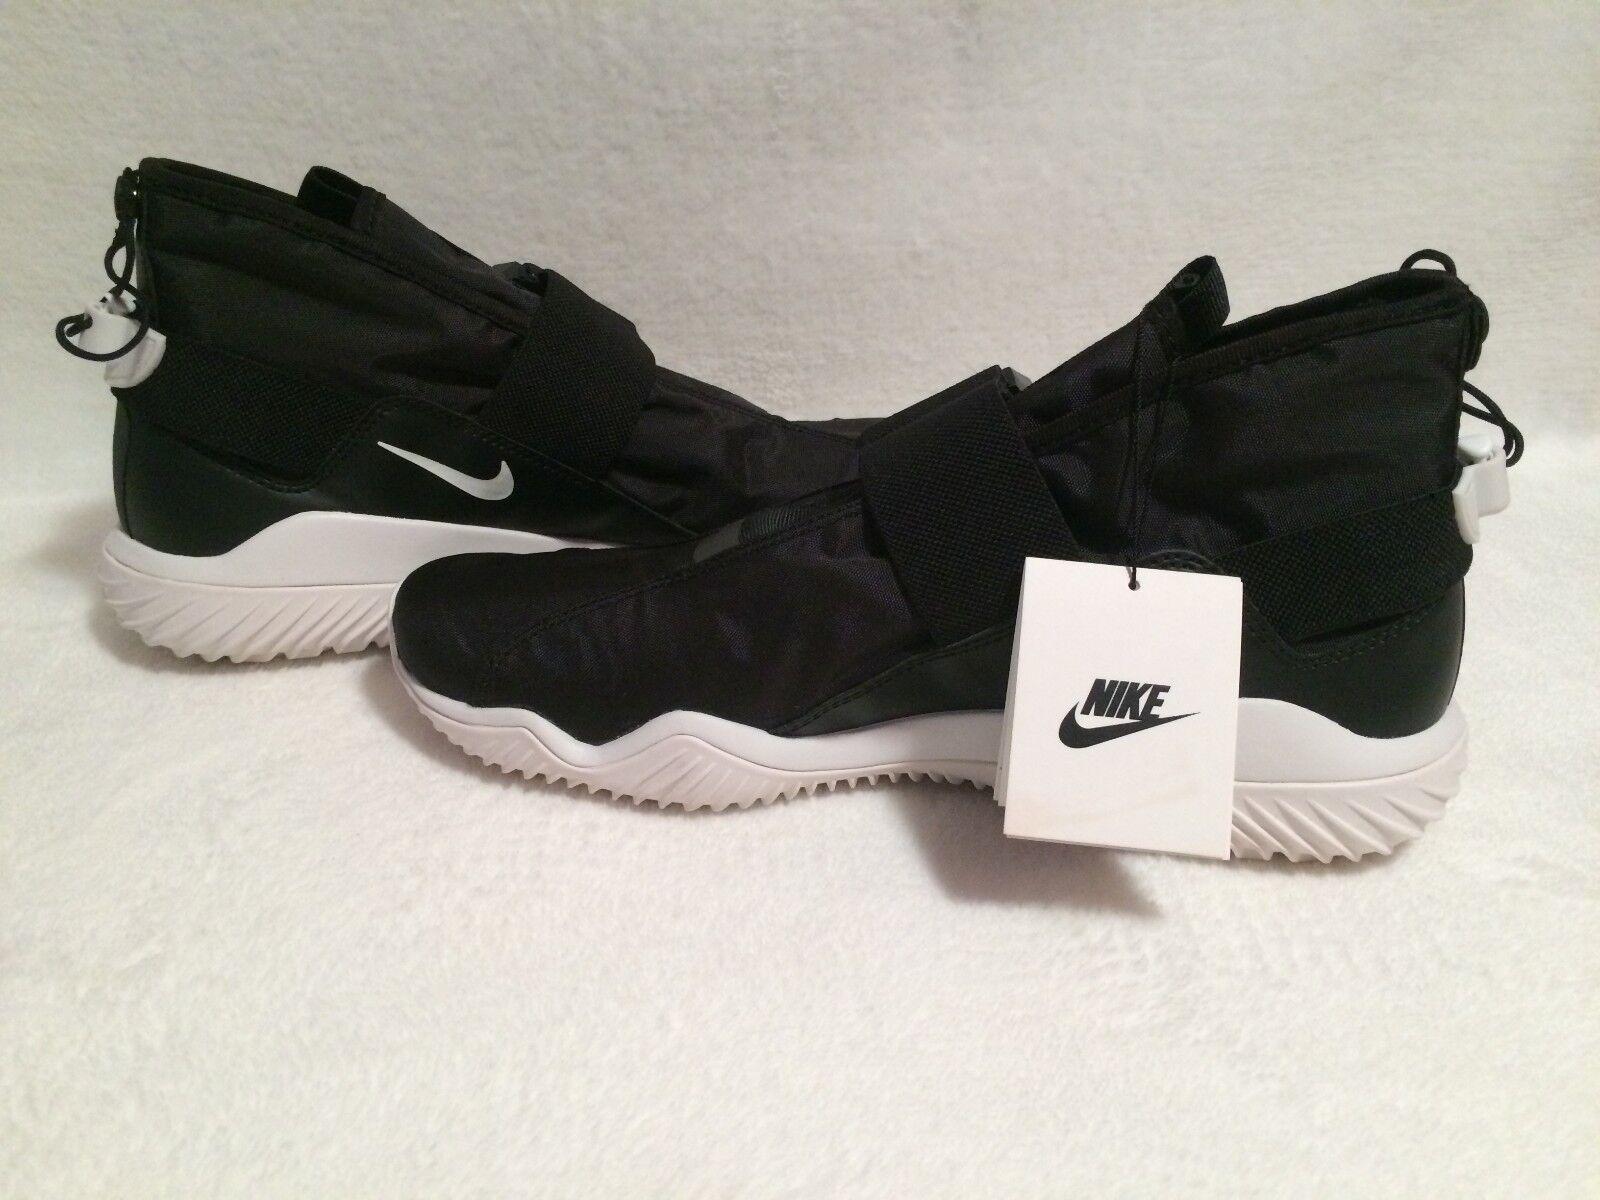 Men's Repellent Nike Komyuter Black Water Repellent Men's Sneaker AA2211-001 Size 8.5 9ceddc